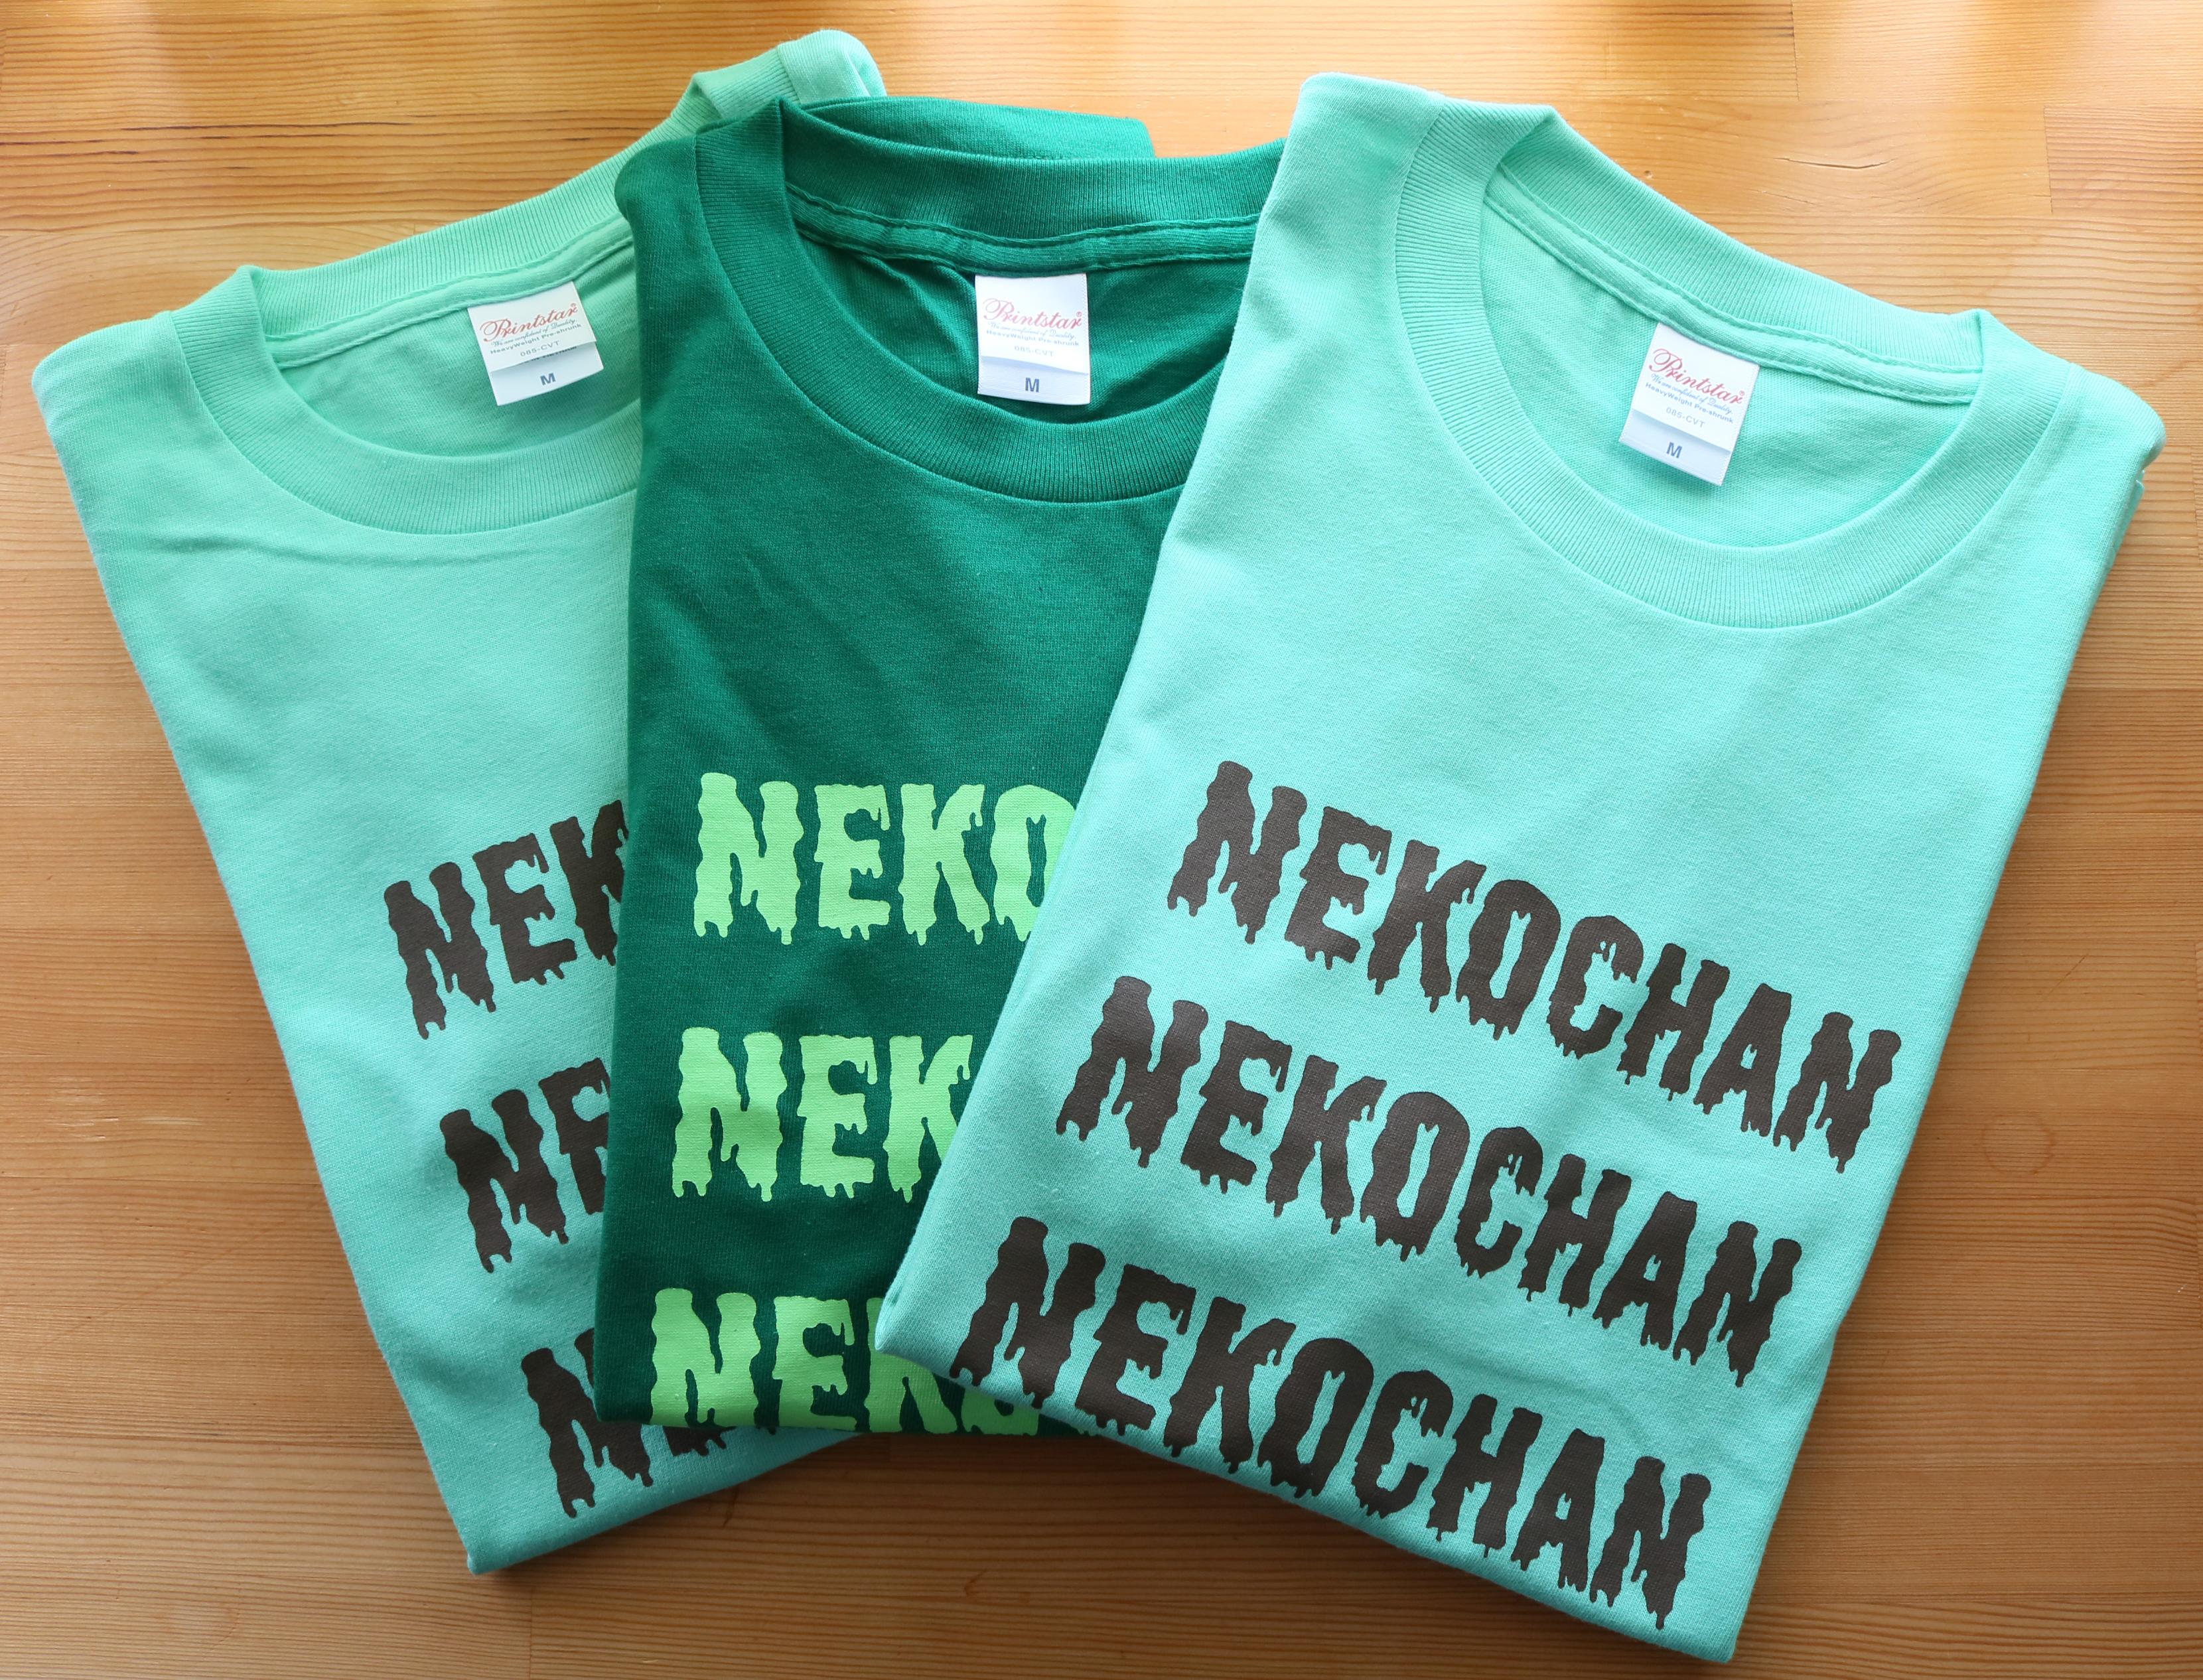 ハンドメイド Tシャツ nikochan 猫雑貨 猫グッズ 秋田 かぎしっぽ